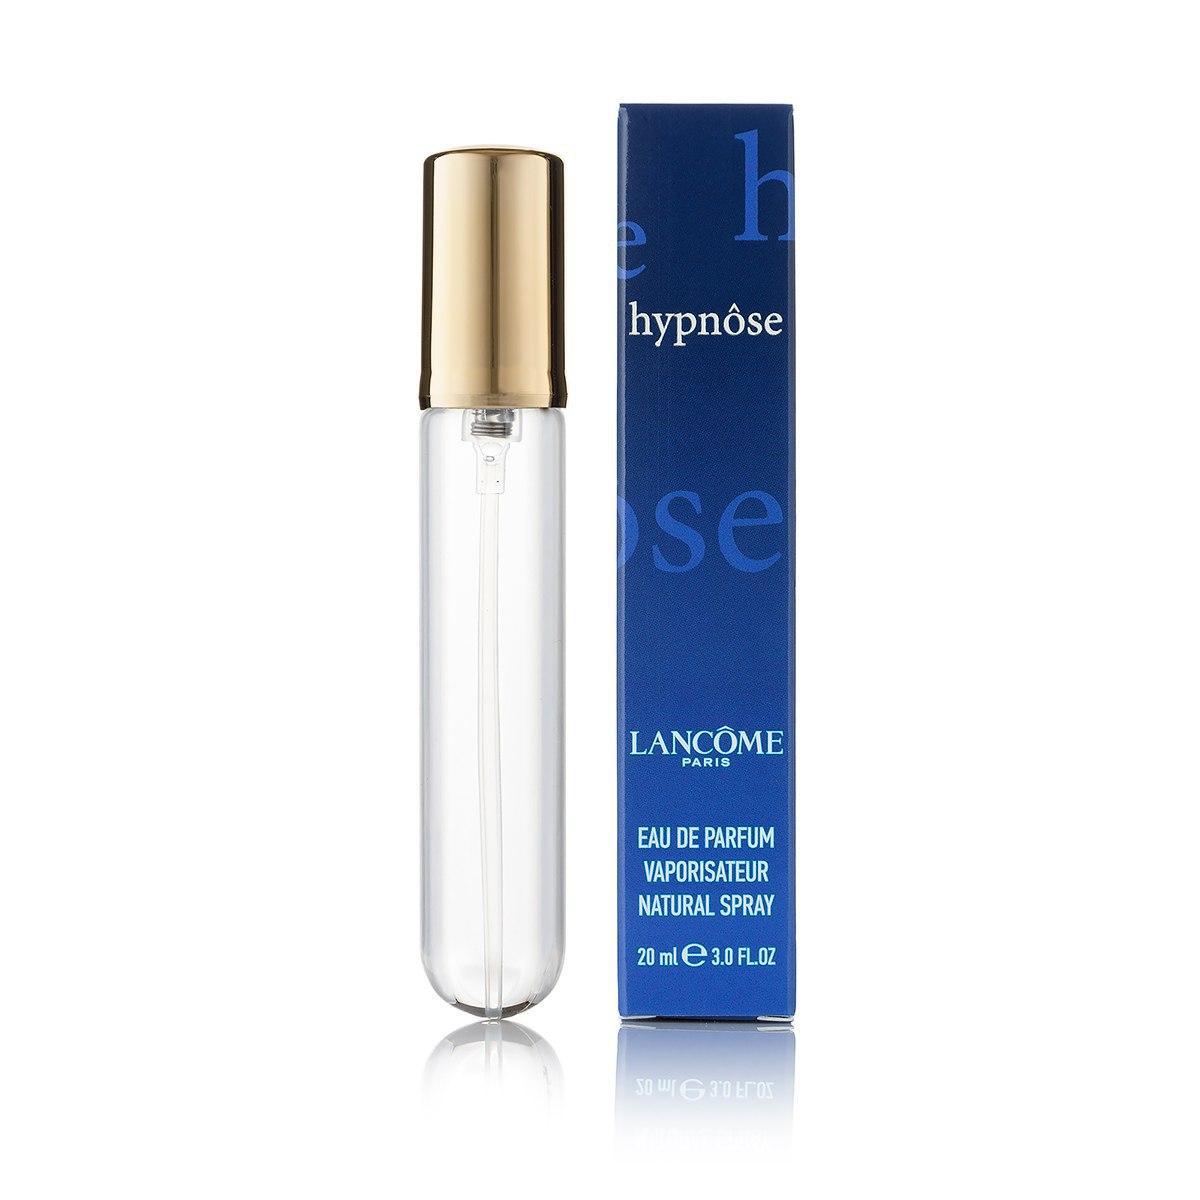 20 мл міні-парфуми спрей Lancome Hypnose (Ж)